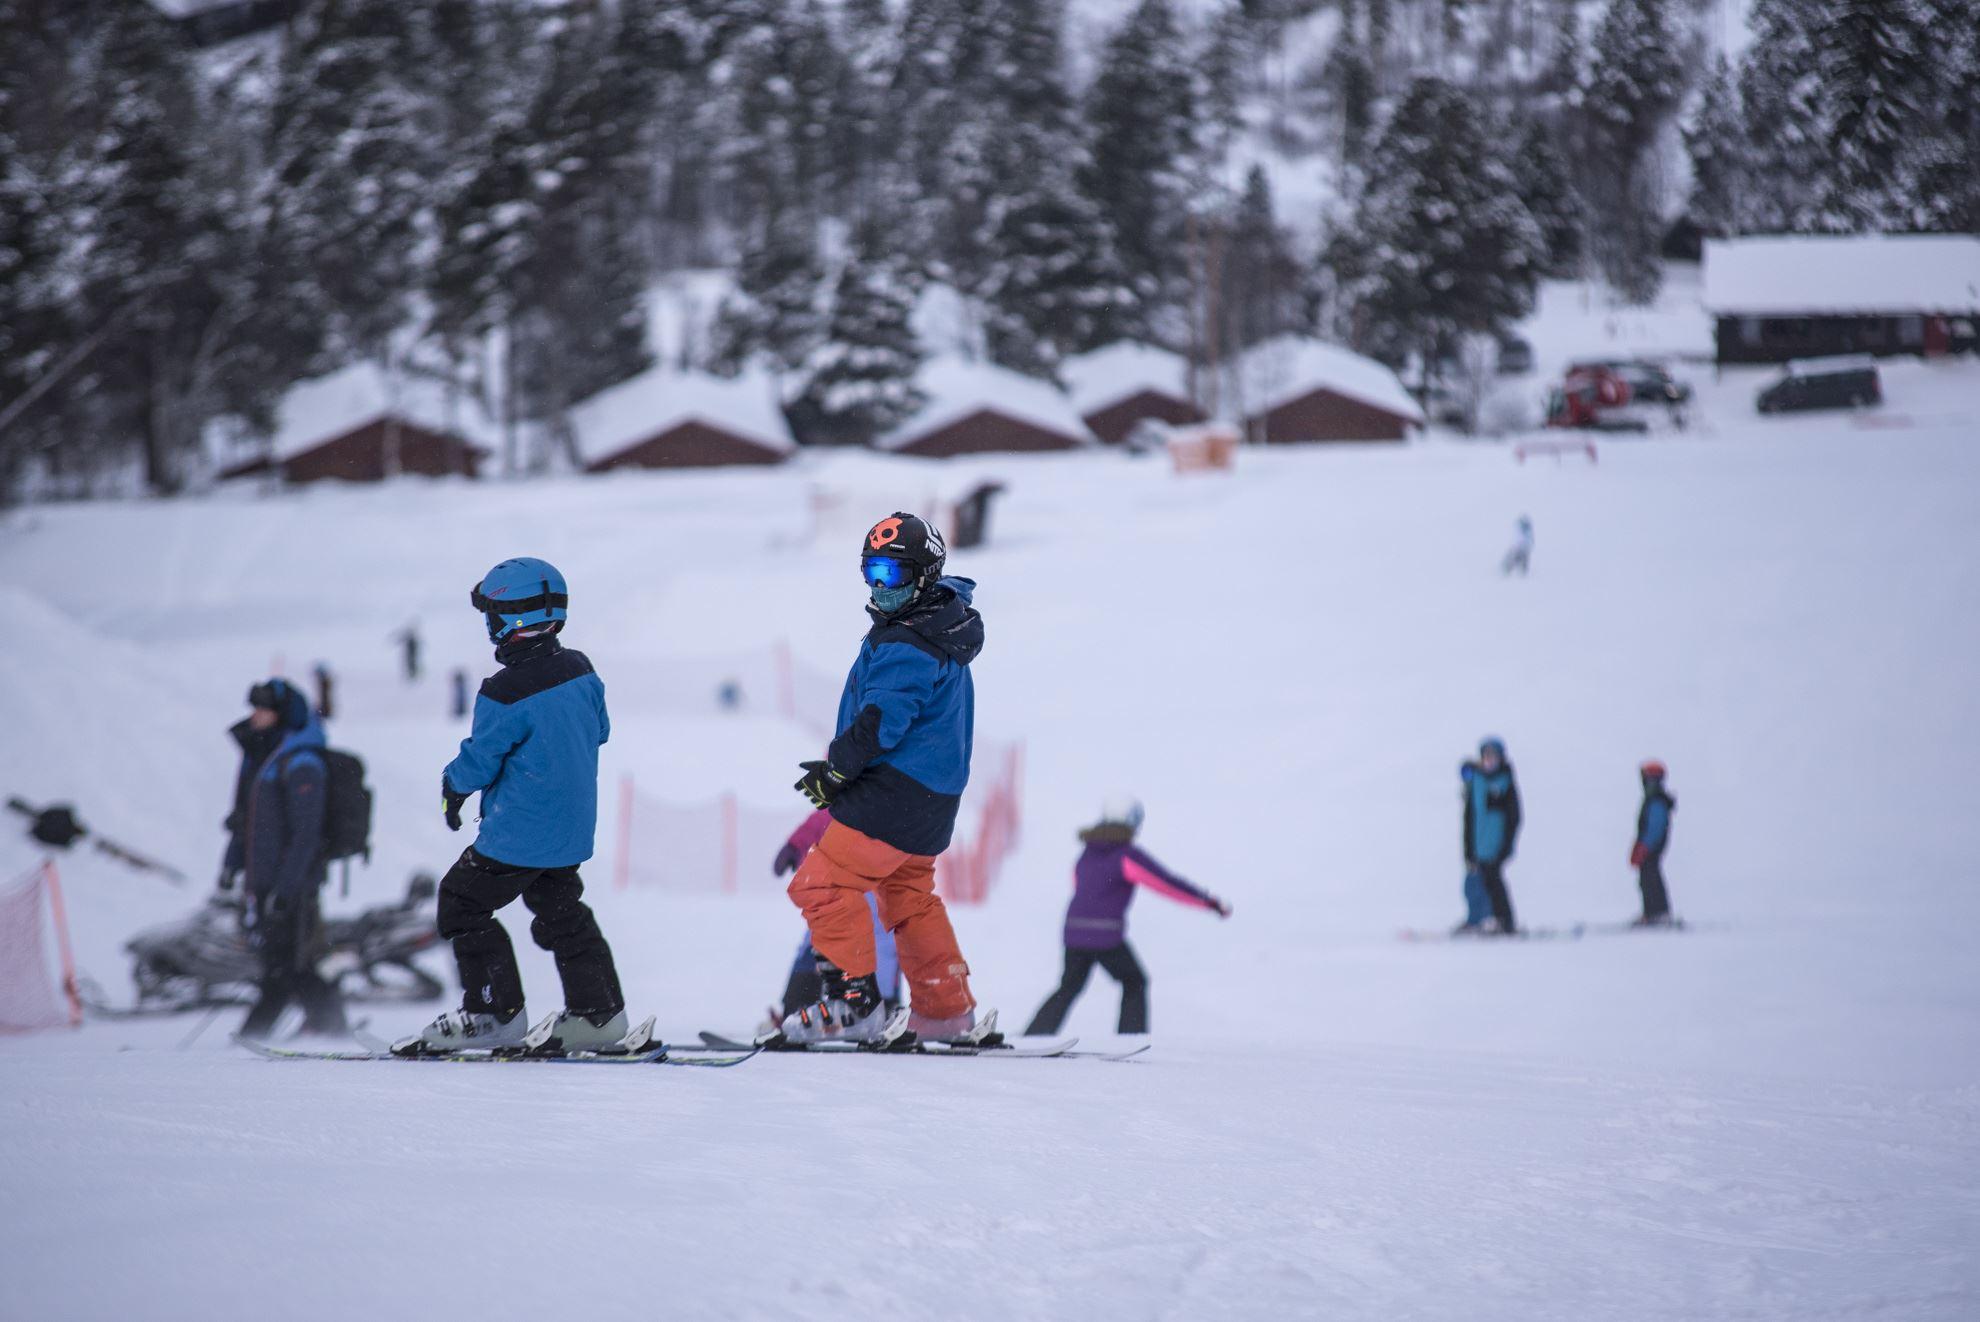 Maria Kampesæter Kleiven/Trollbinde,  © Trolltun/Dombås Skiheiser, Dombås Skiheiser